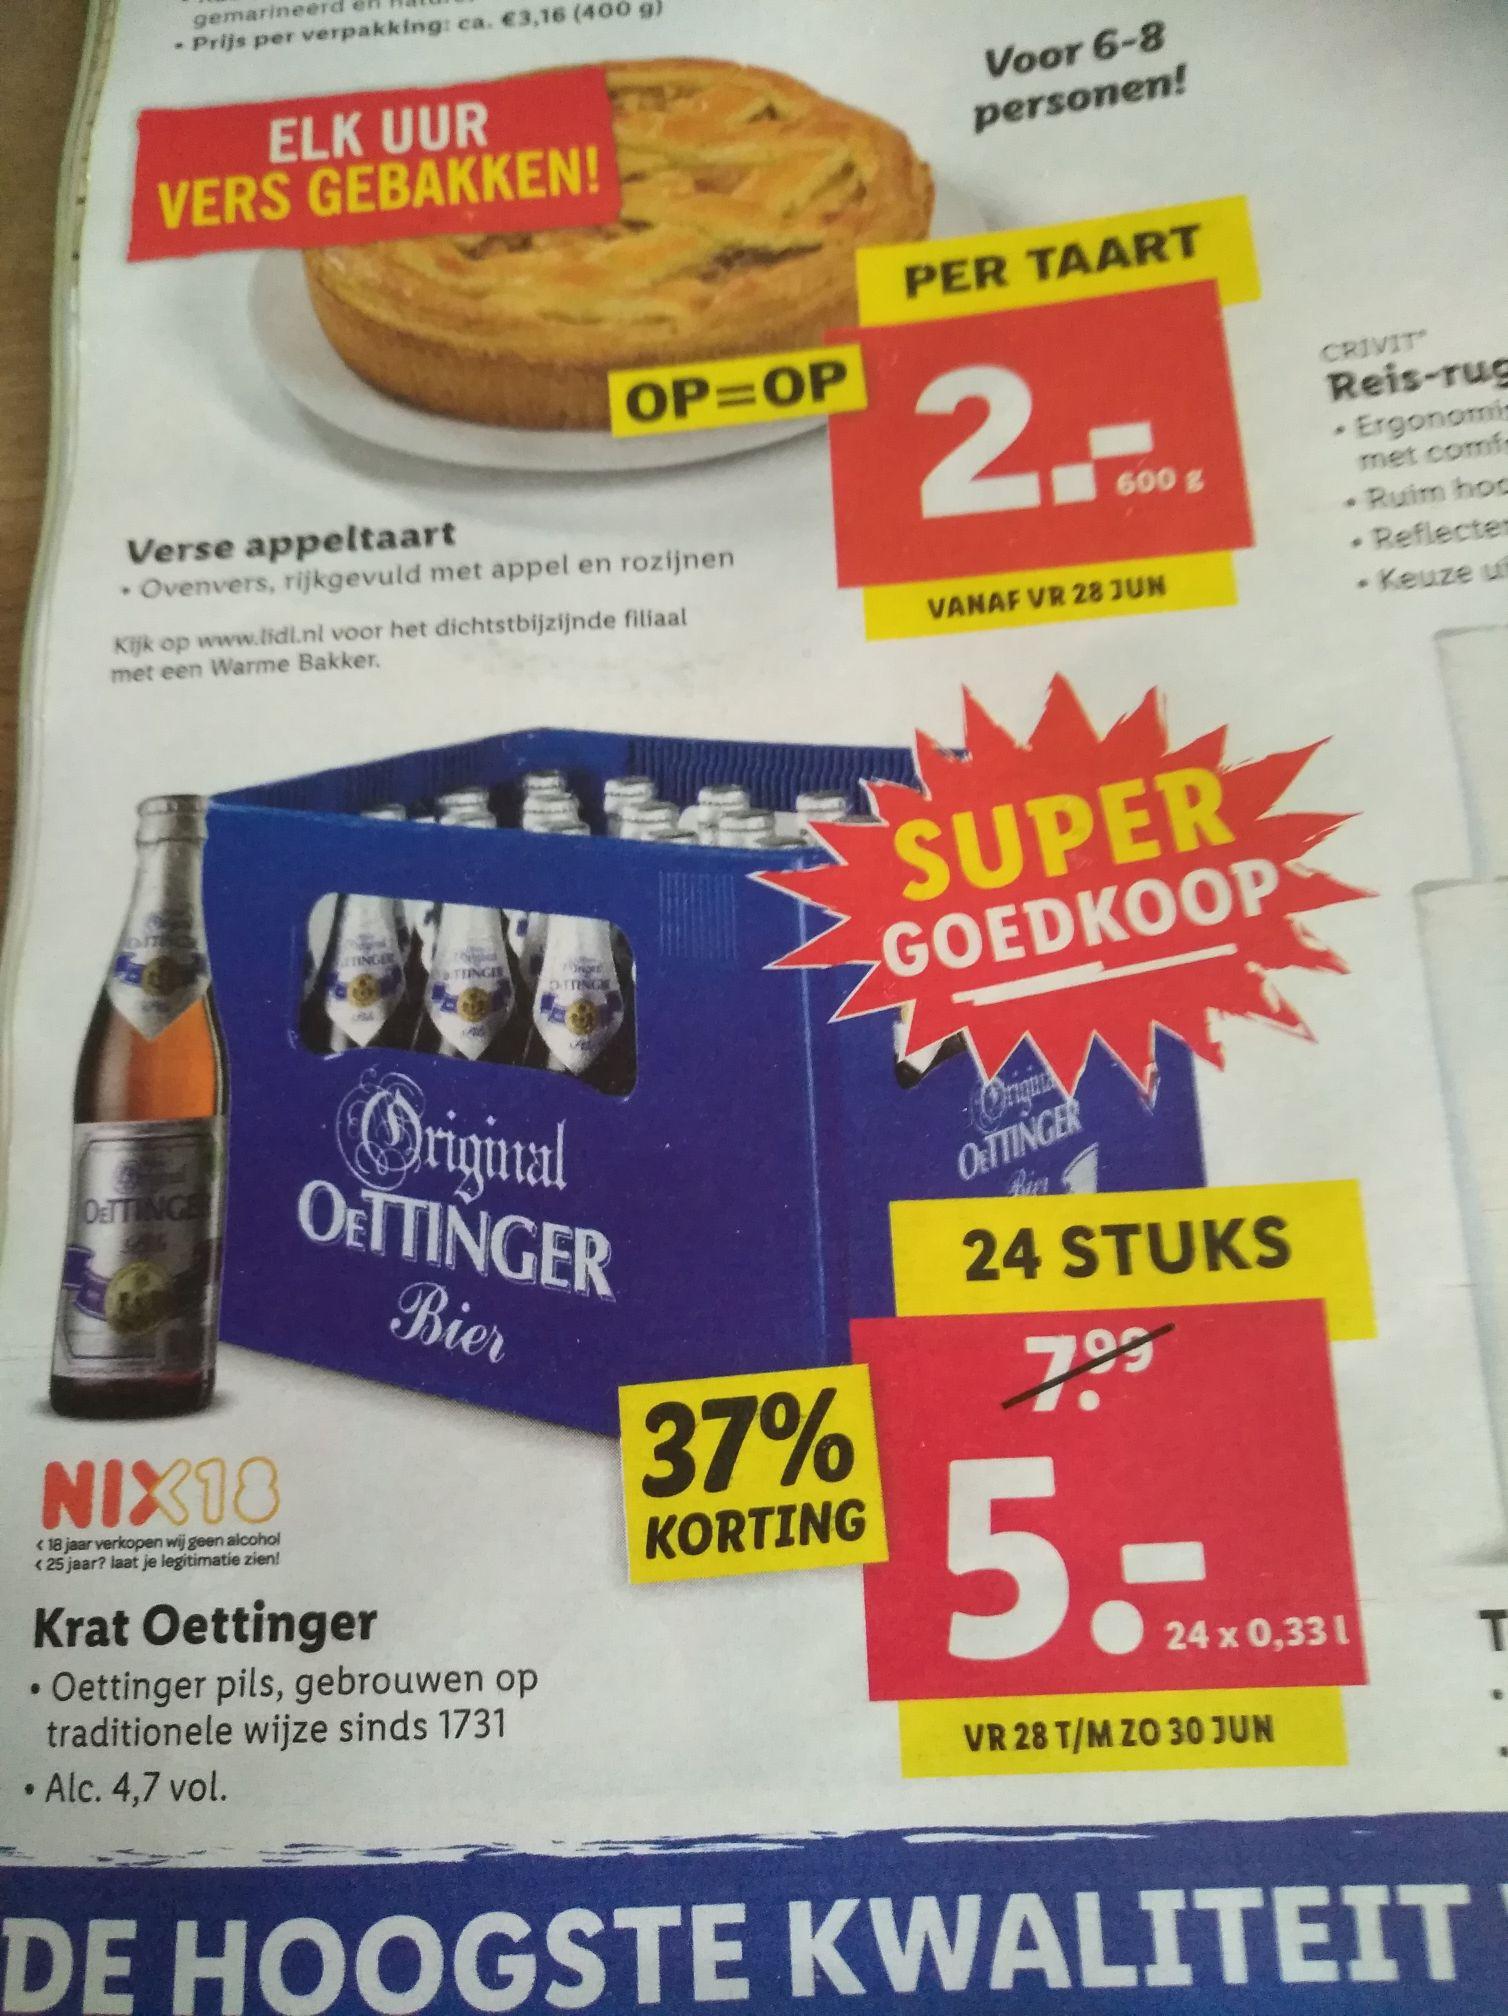 Krat Oettinger voor €5 bij Lidl